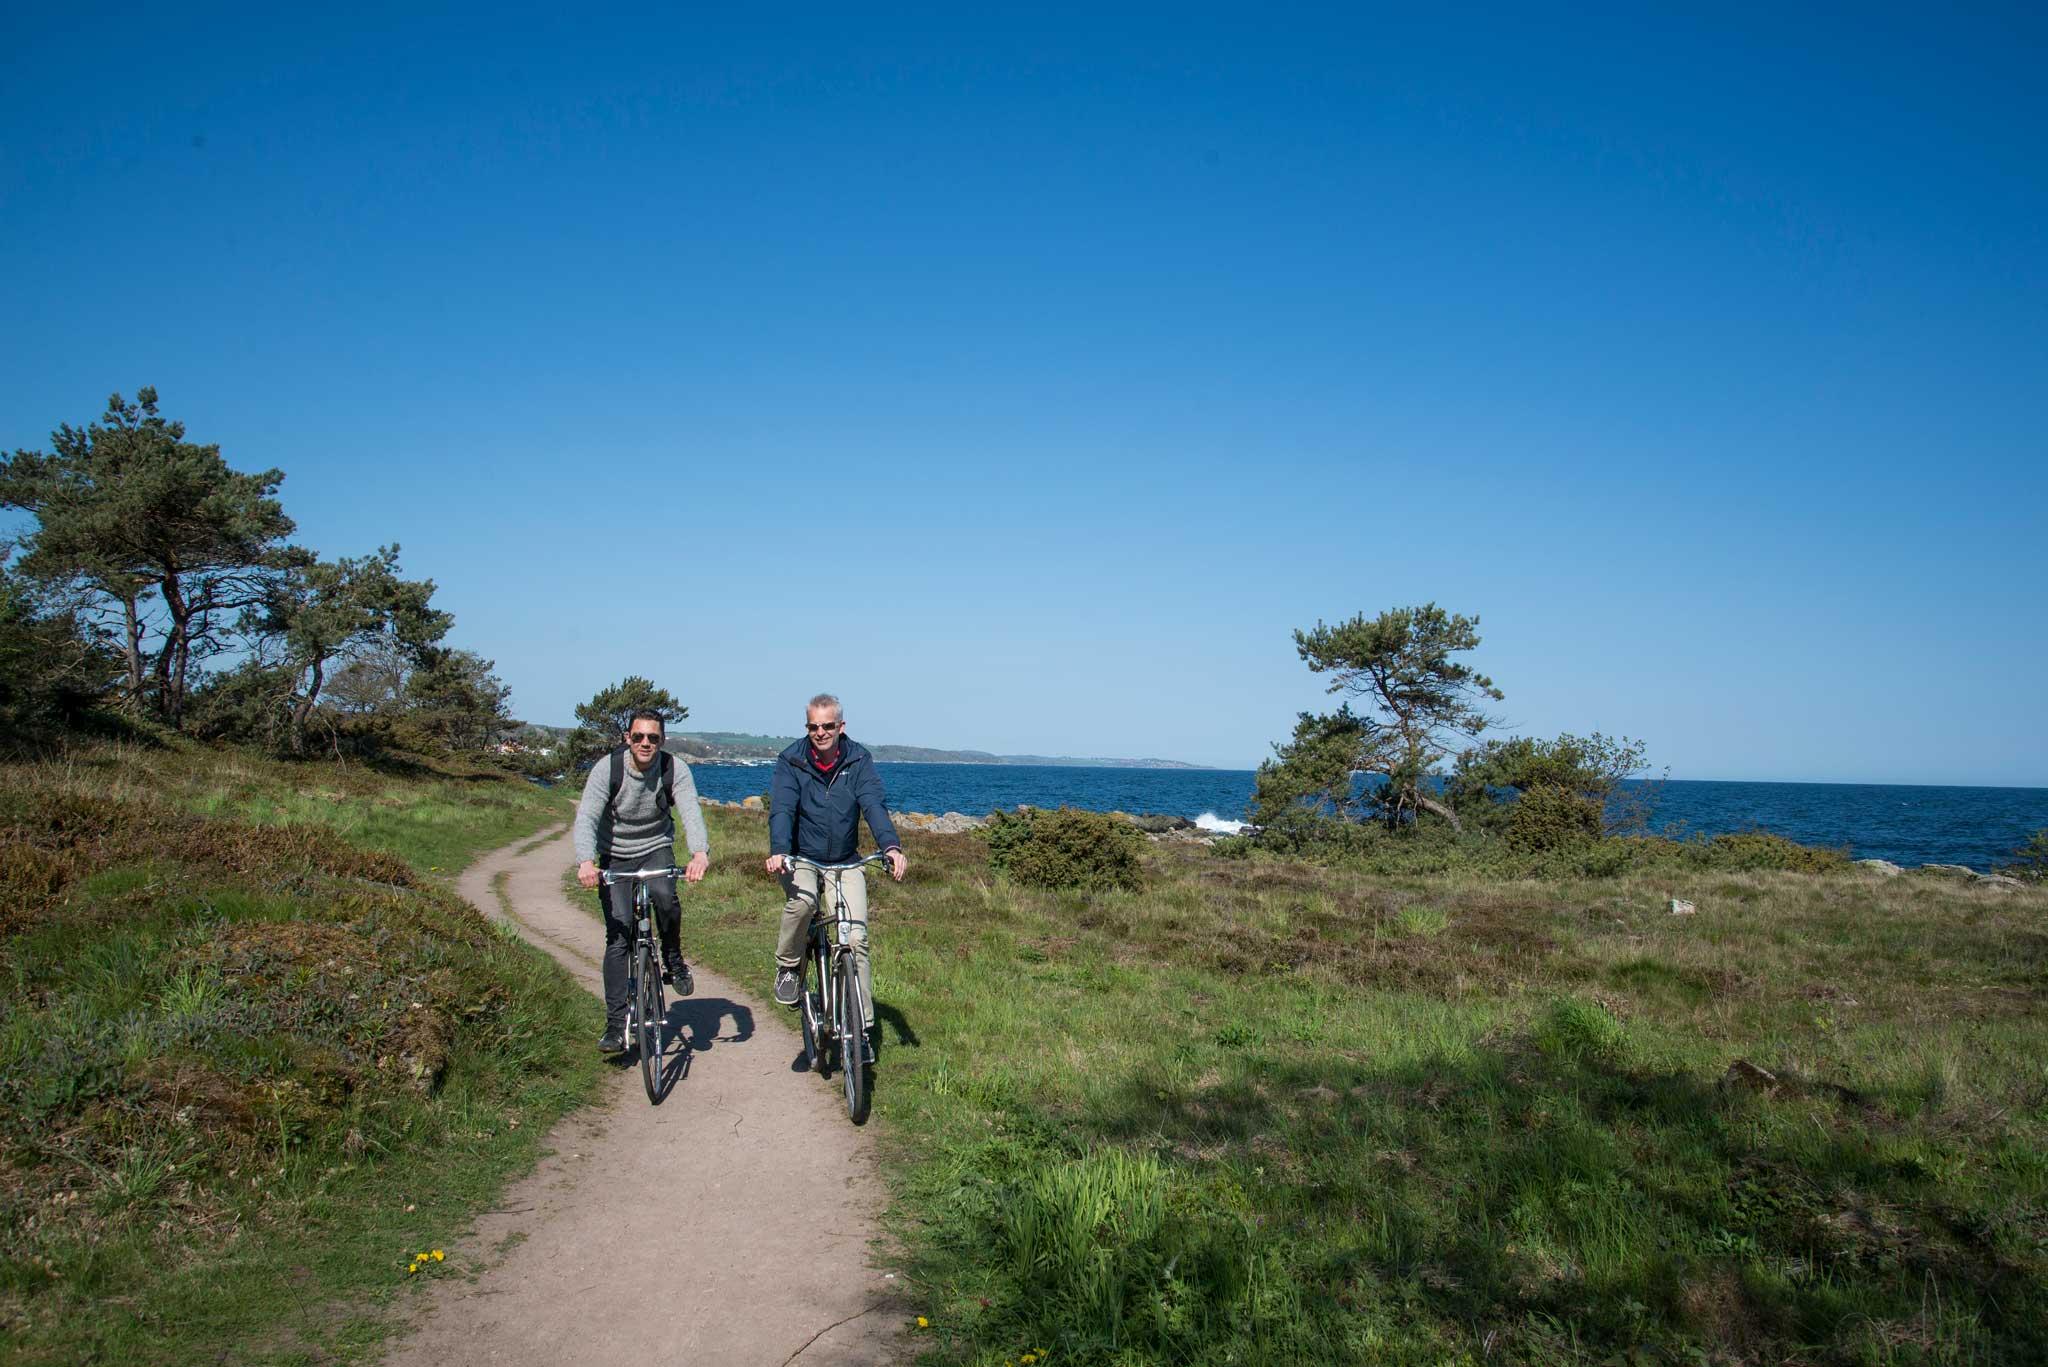 Sykkel er et praktisk fremkomstmiddel. Et godt utbygd nett av stier går på kryss og tvers over hele Bornholm.